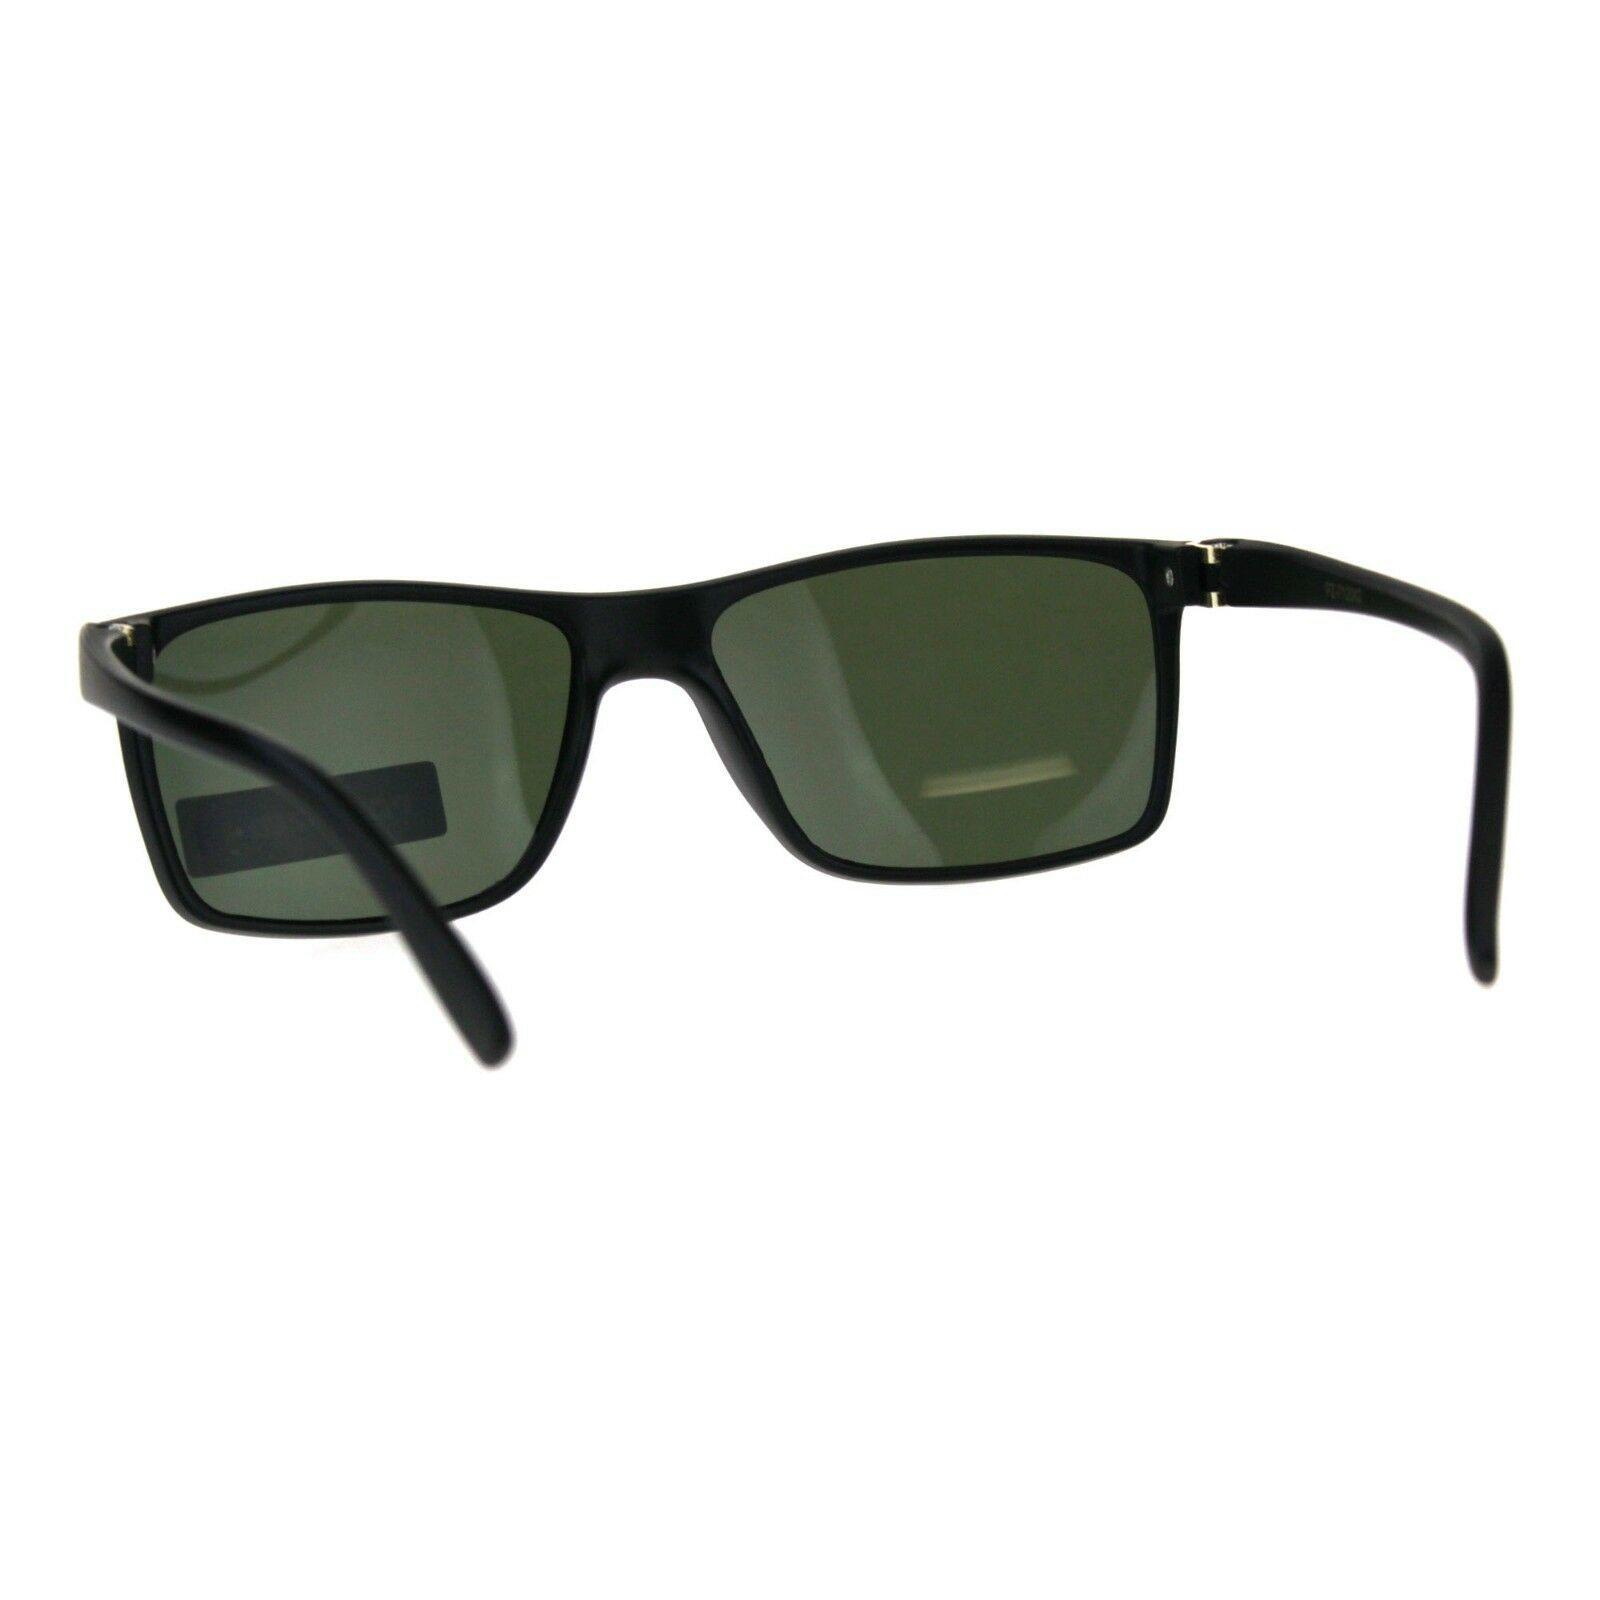 Polarized Lens Sunglasses Unisex Fashion Classic Rectangular Frame